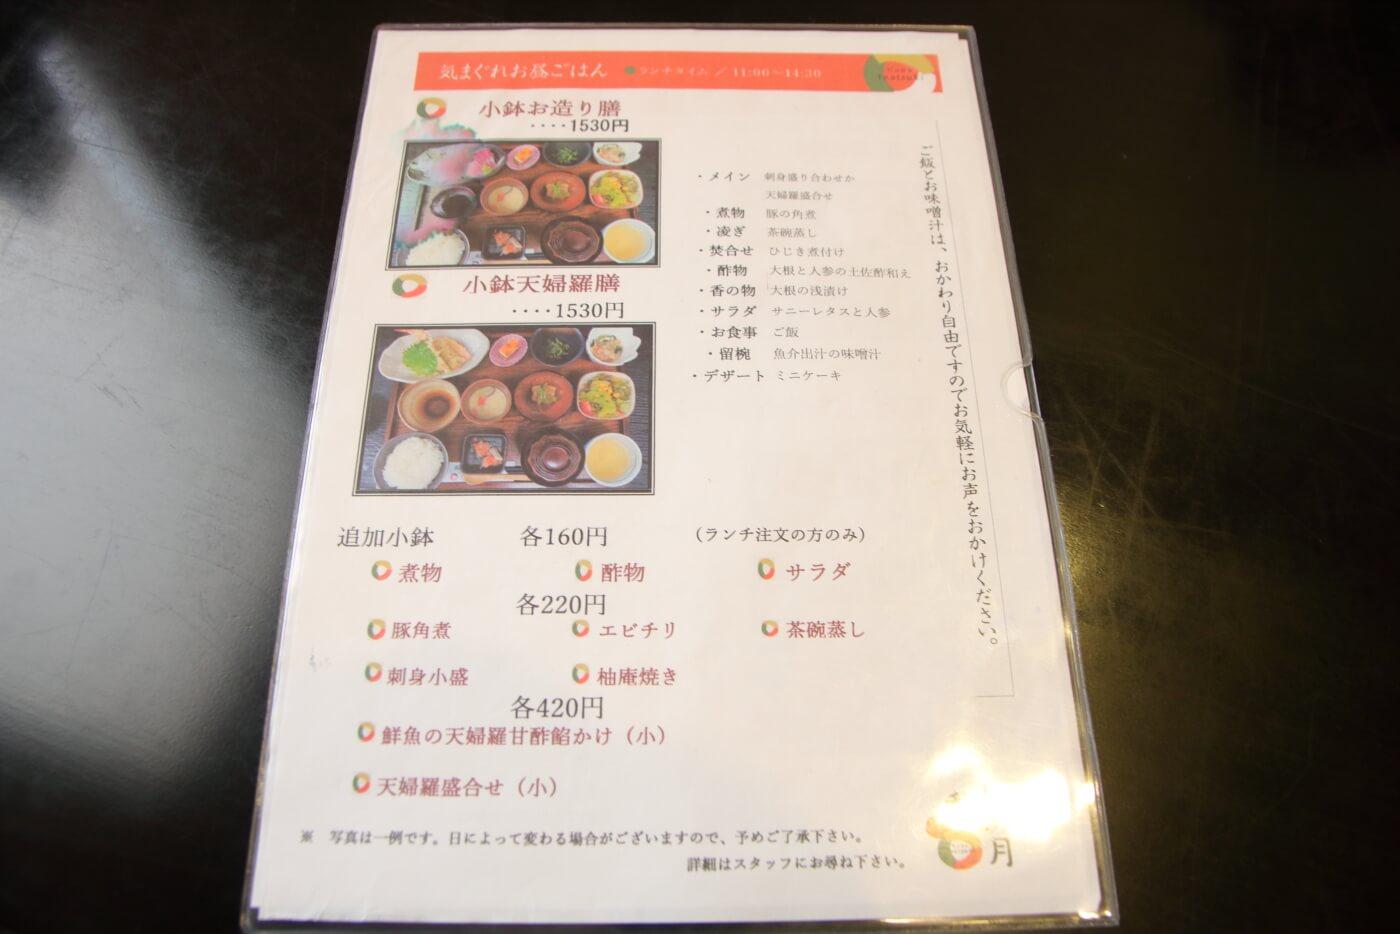 高知/土佐市 稲月(いなつき) メニュー